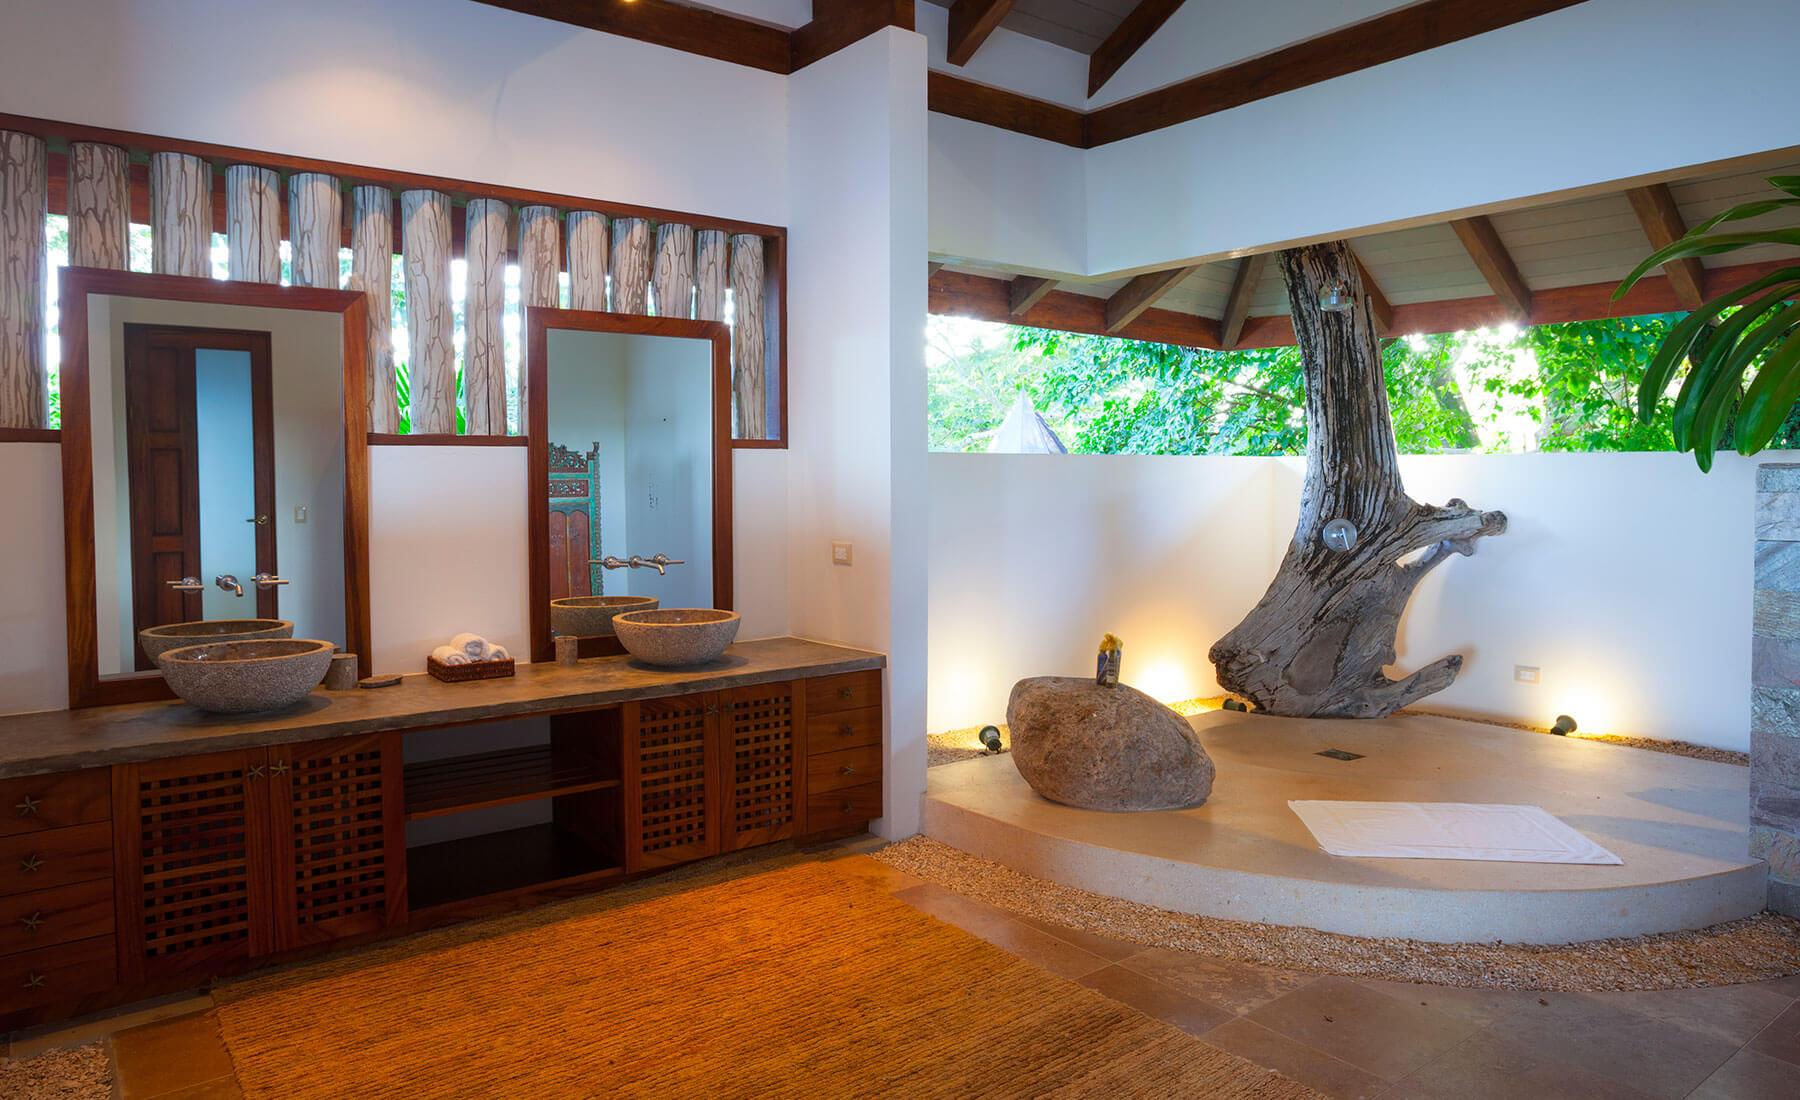 private villa costa rica experience